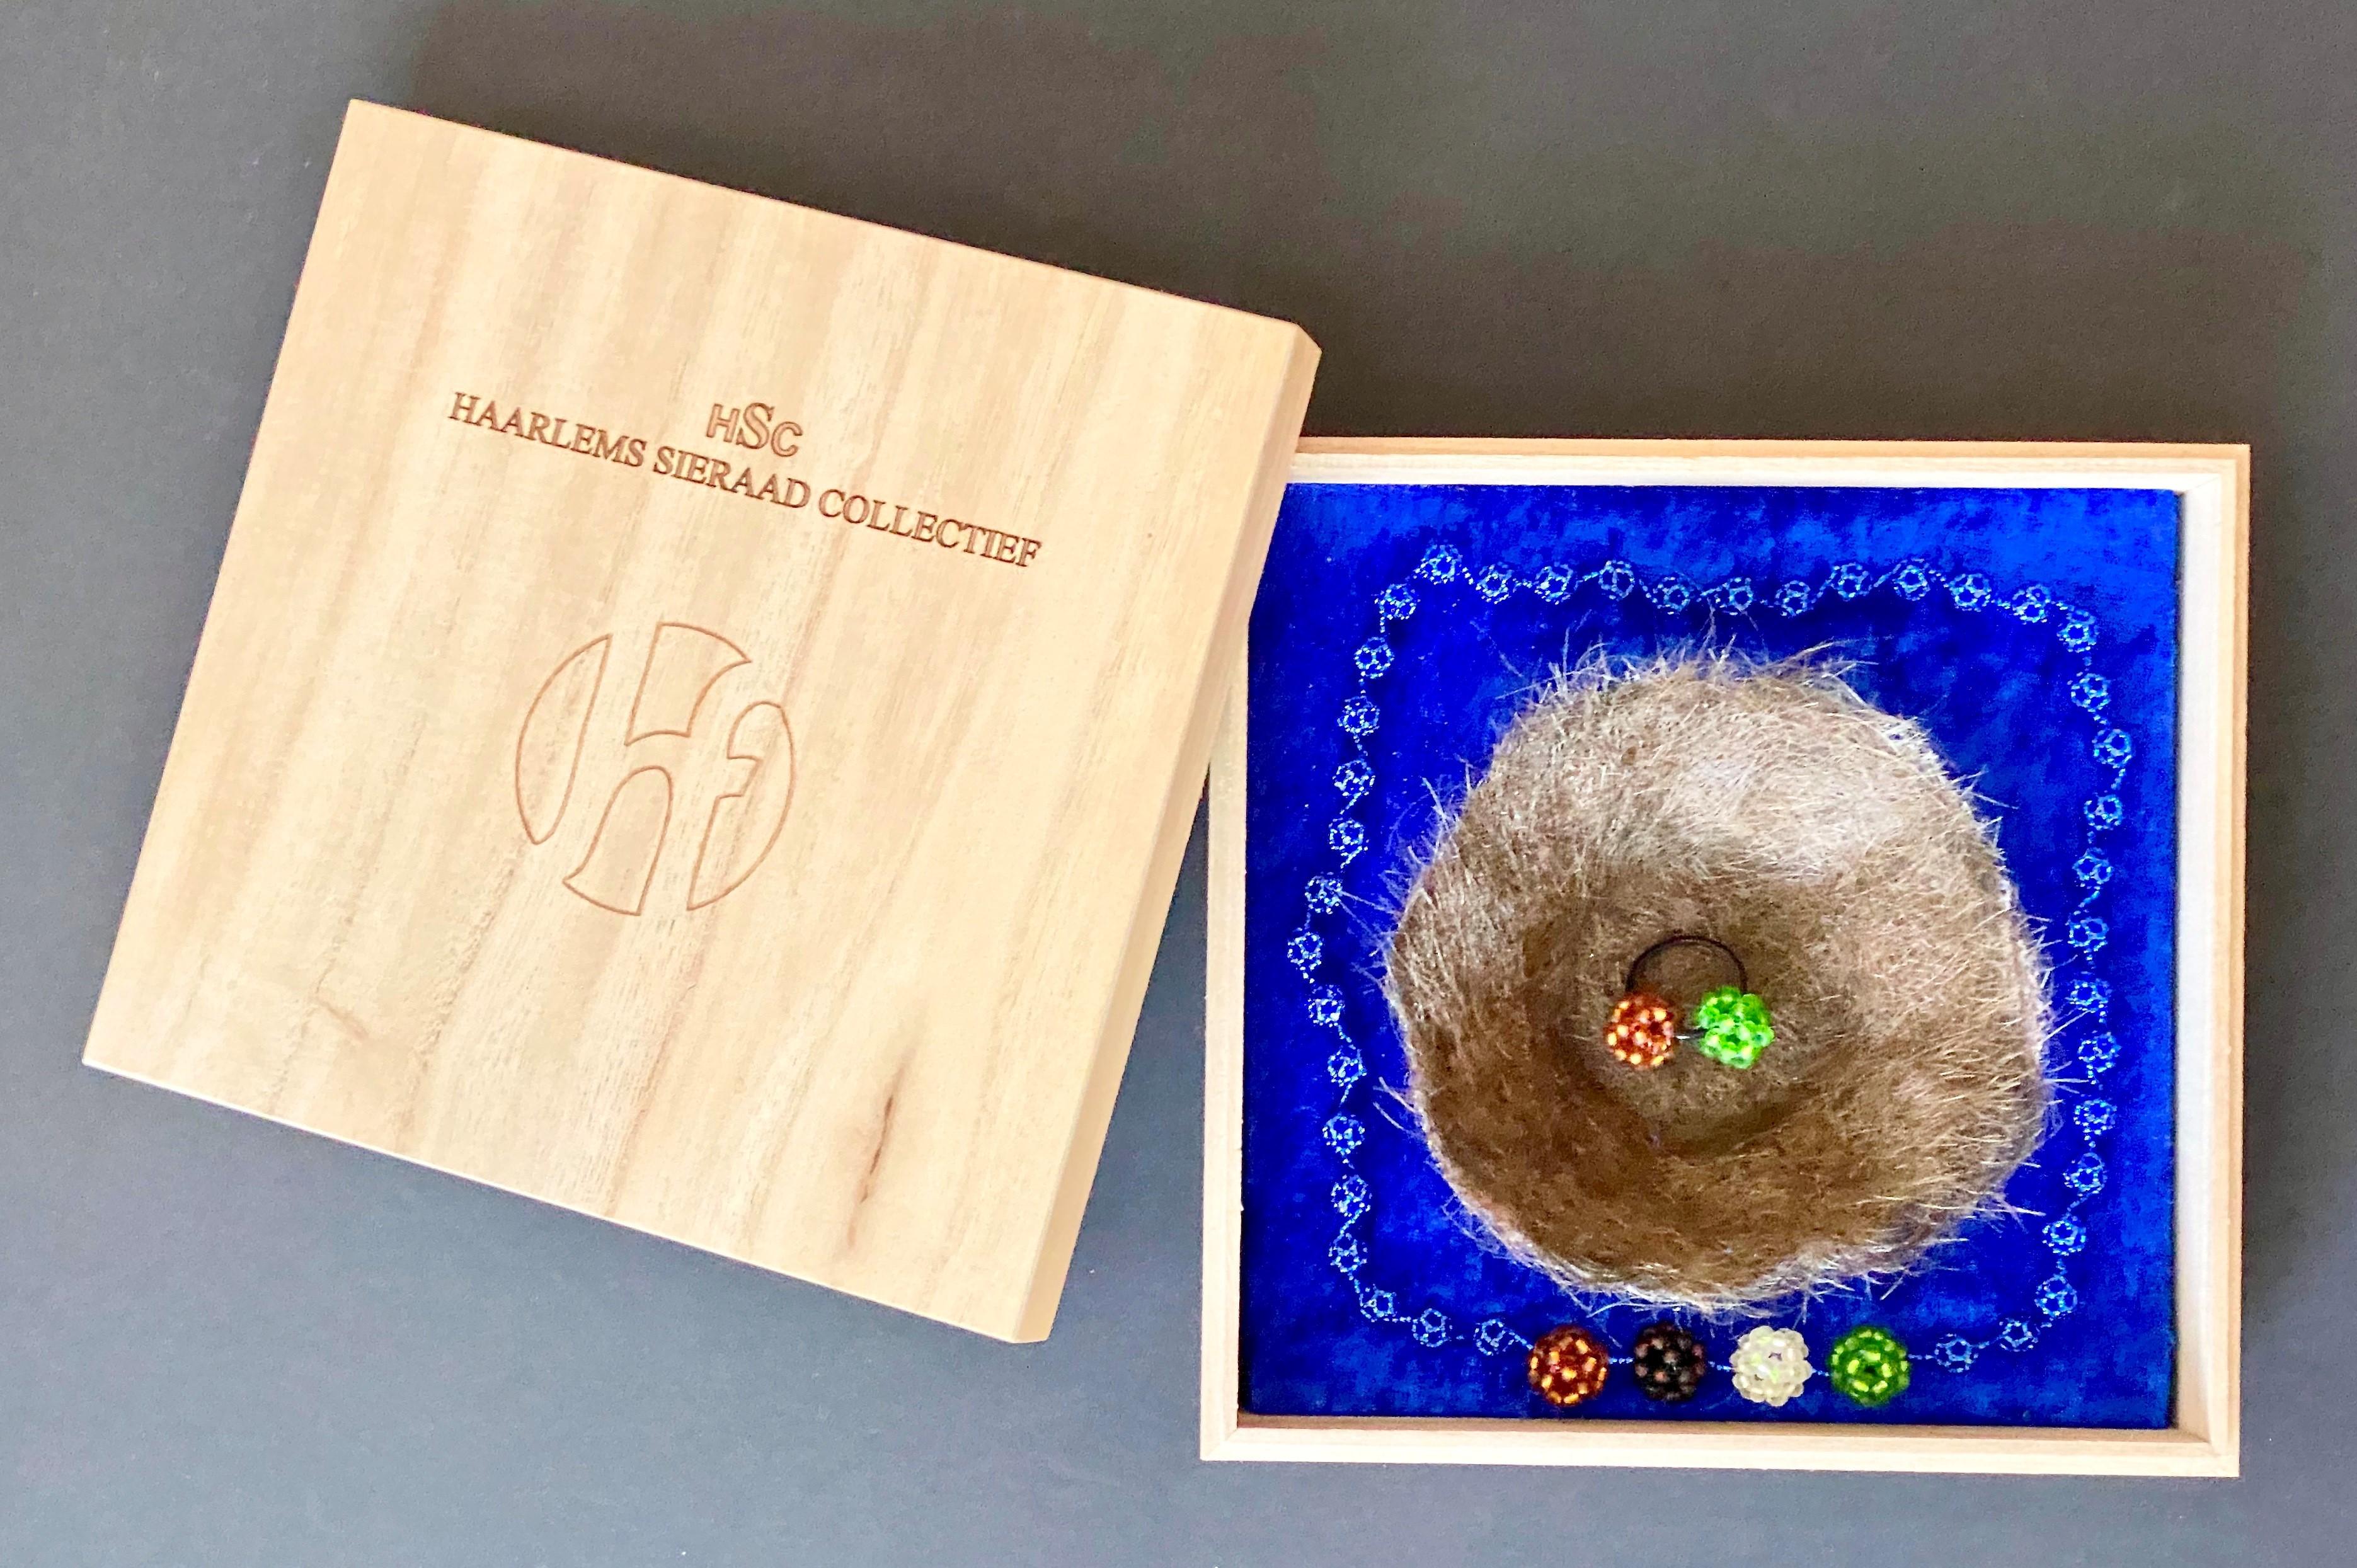 """Hilde Foks, halssieraad/ring/object, 2018. Set bestaande uit een collier van 40 kleine glazen kraaltjes en met 4 grotere. Tevens een nestje gemodelleerd van het eigen haar (!) van Margriet en Michel waarin een """"tweeling-ring"""" (een verwijzing naar onze tweeling). Collectie Margriet Blom & Michel Krechting. Foto Michel Krechting"""